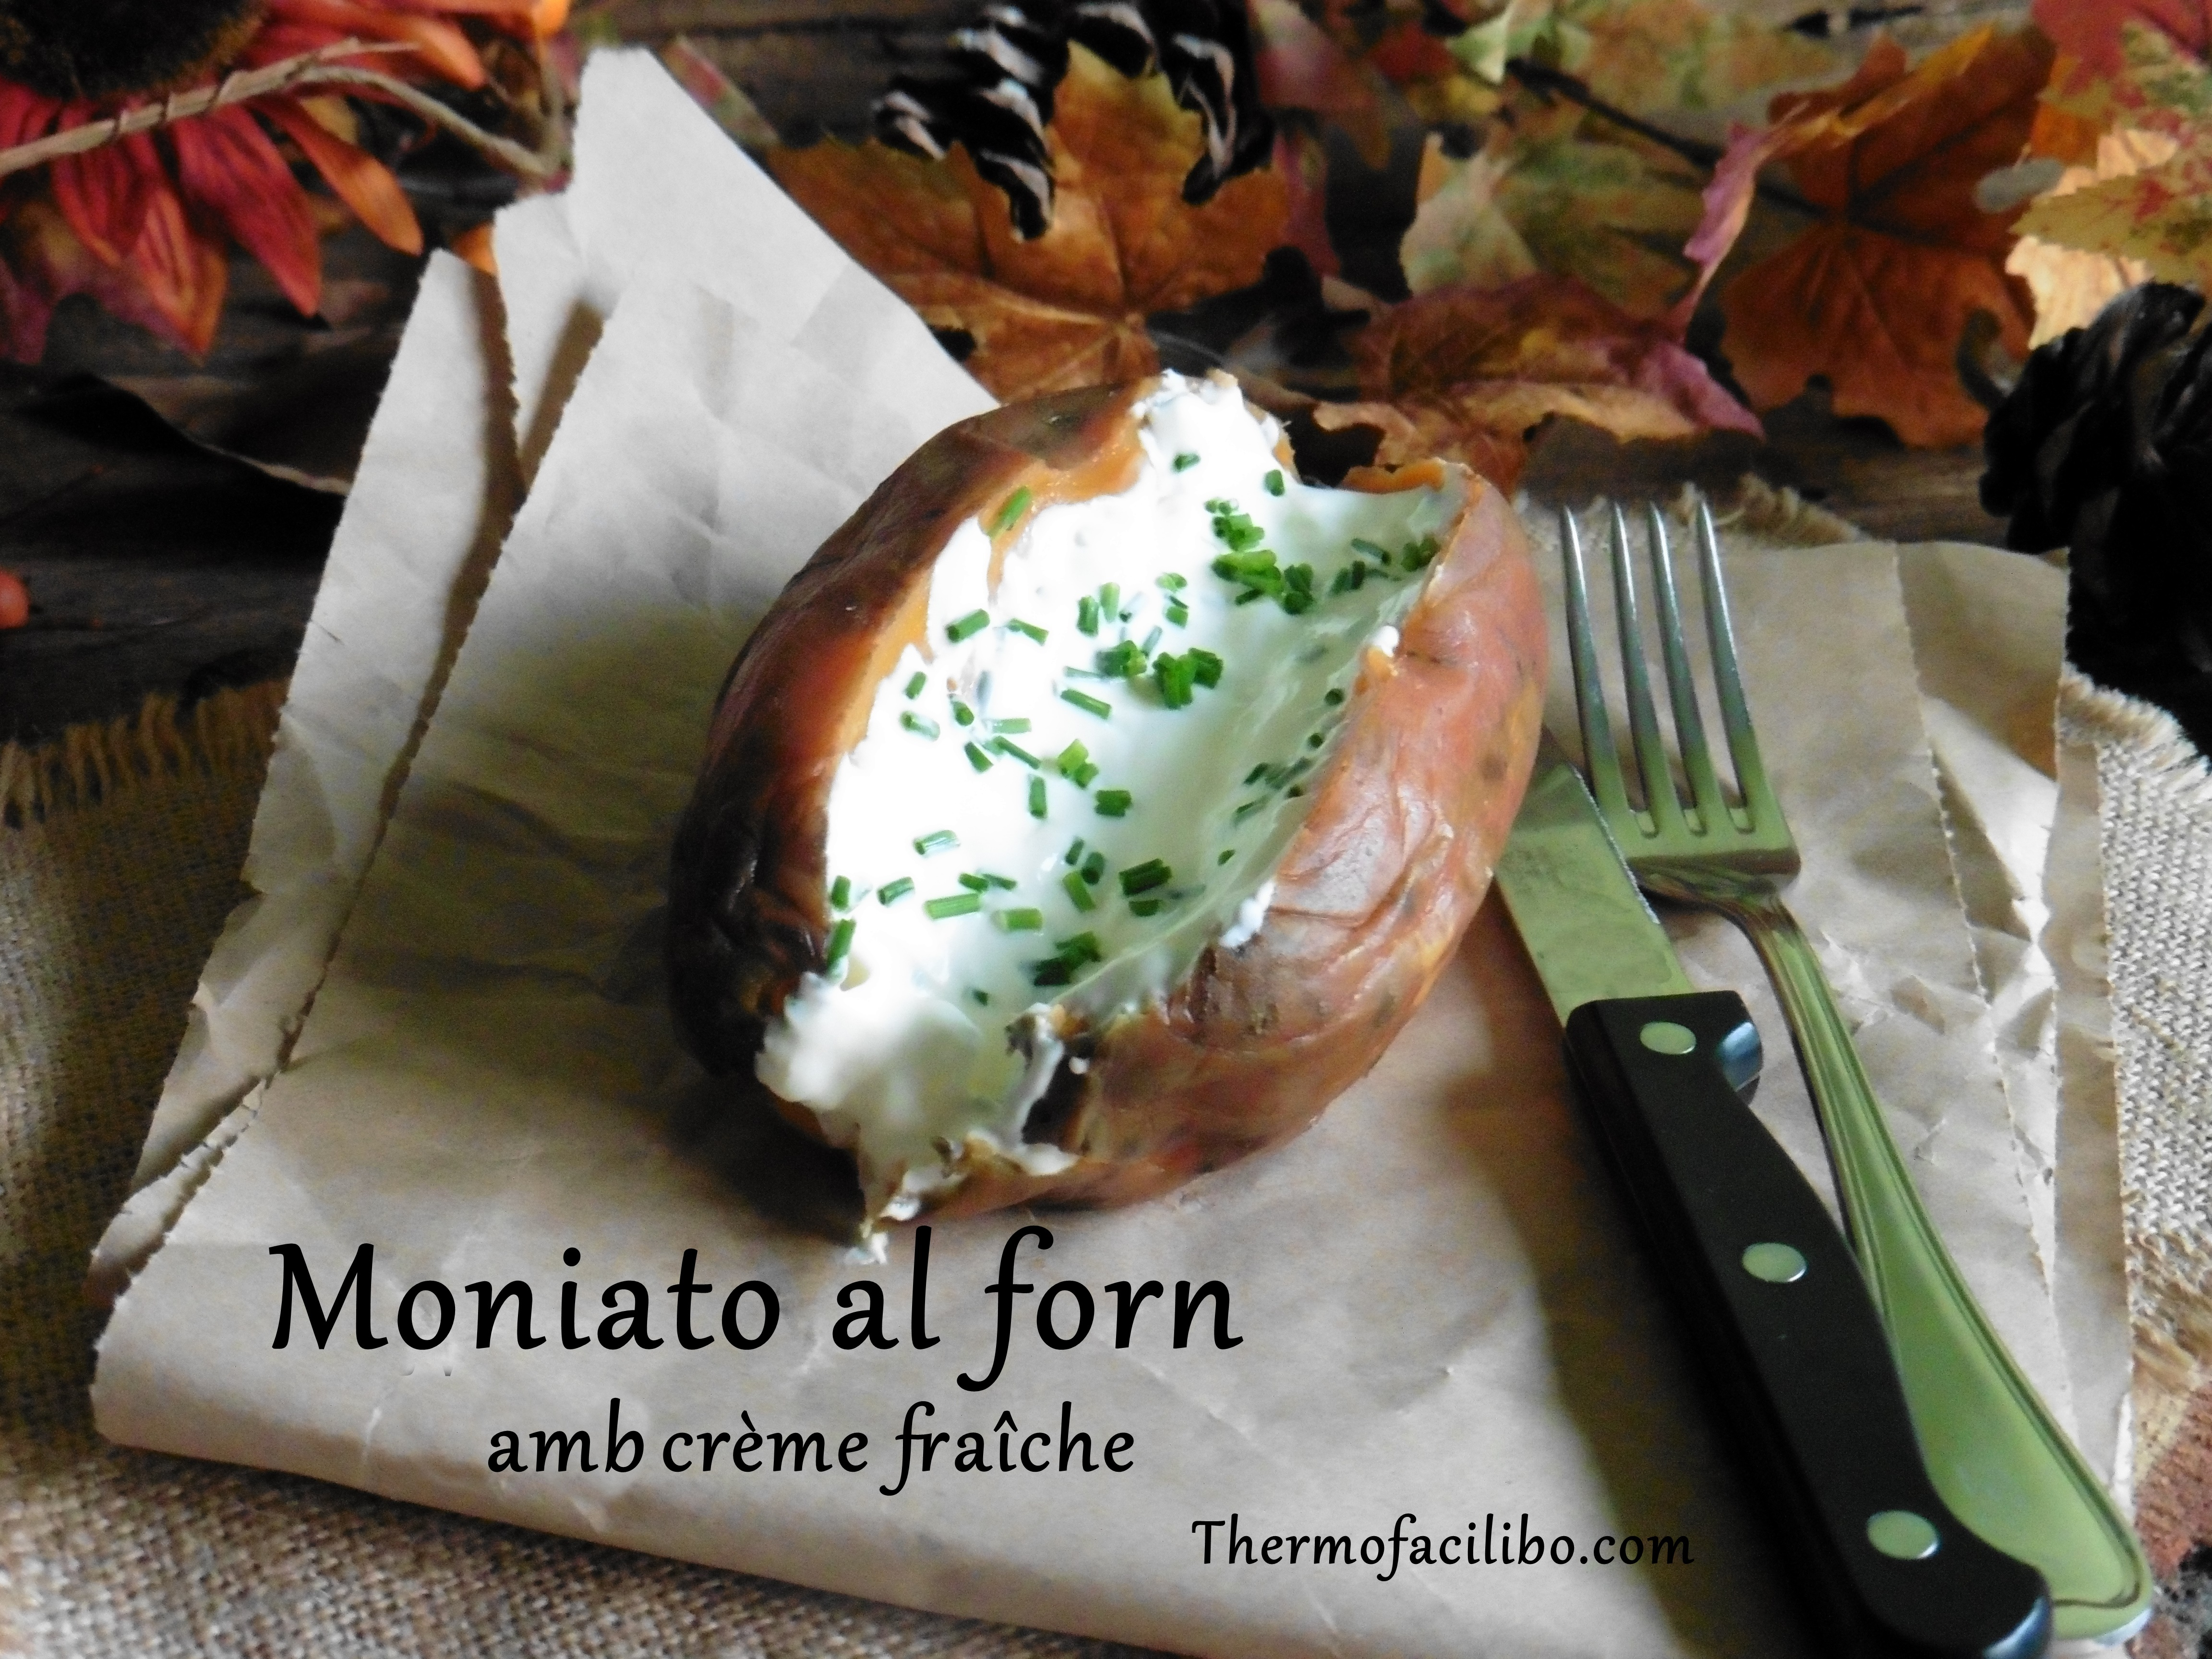 Moniato al forn amb crème fraîche .